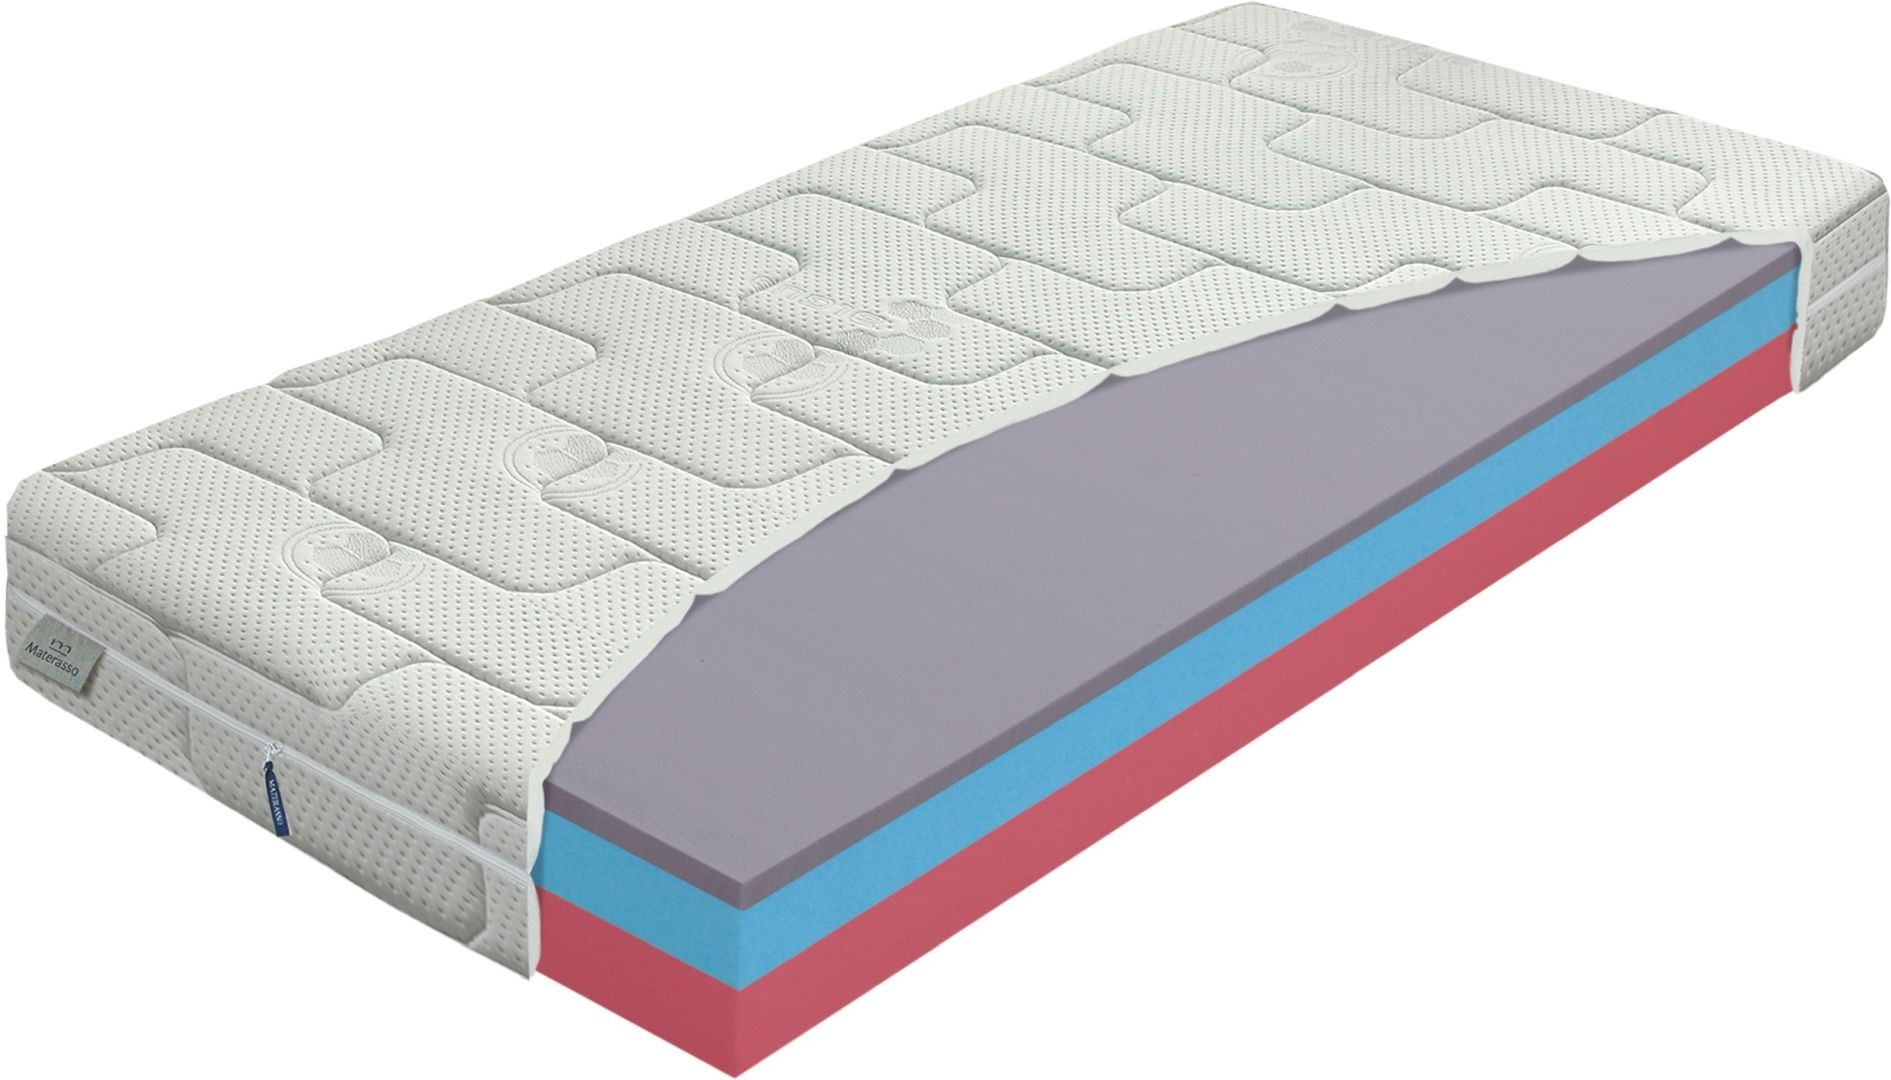 Materasso AIRGEL comfort - oboustranná ekonomická matrace v akci 1+1 120 x 200 cm 2 ks, snímatelný potah